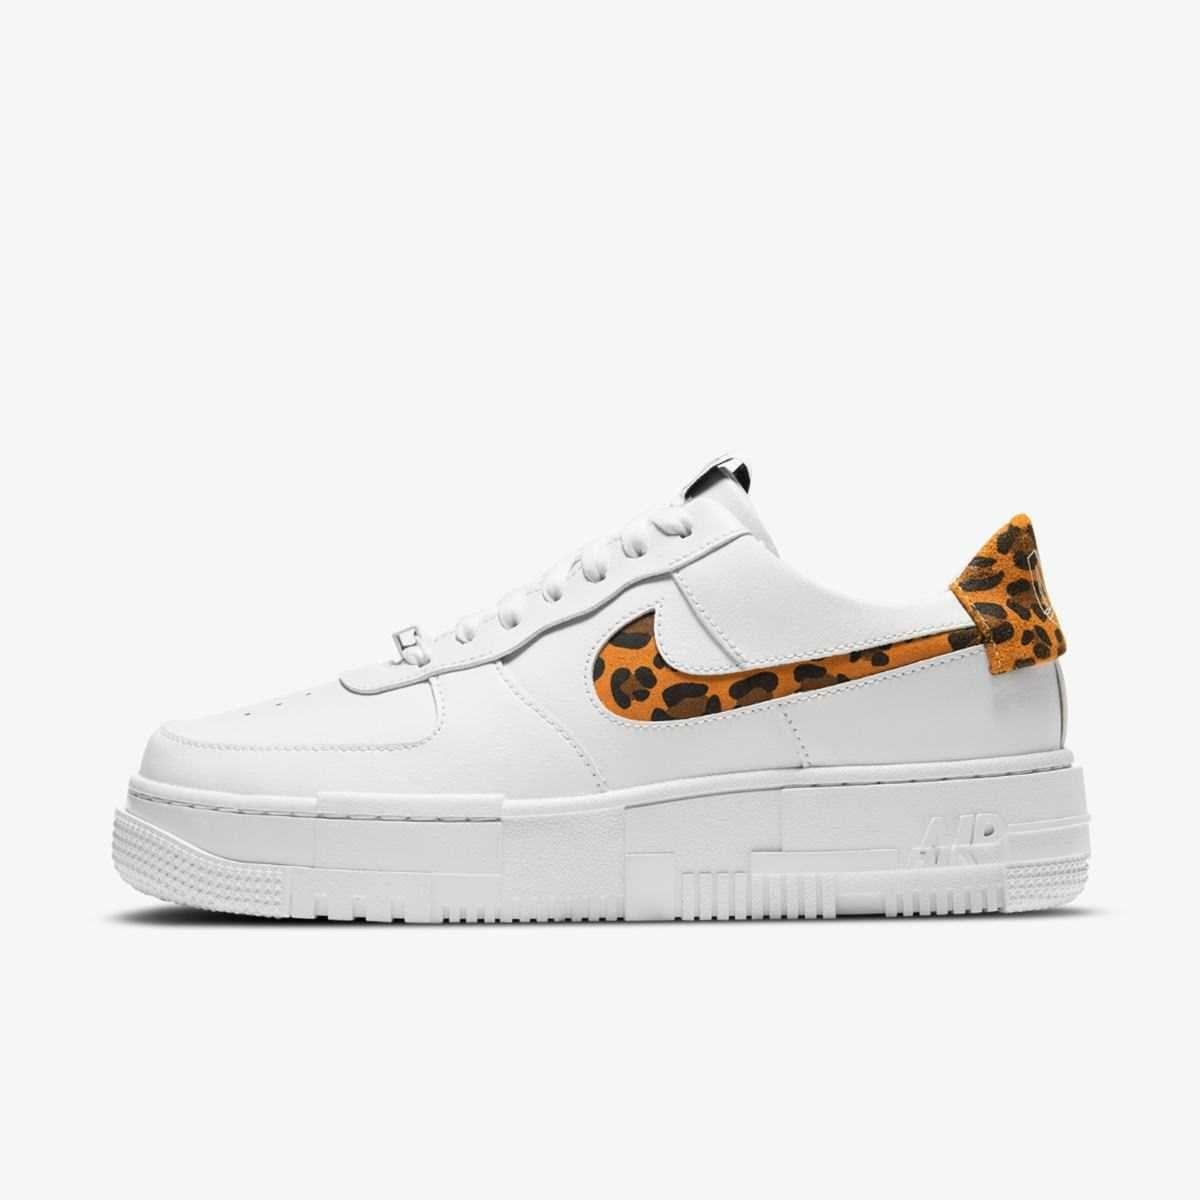 Nike Air Force 1 Pixel Оригинал! CV8481-100